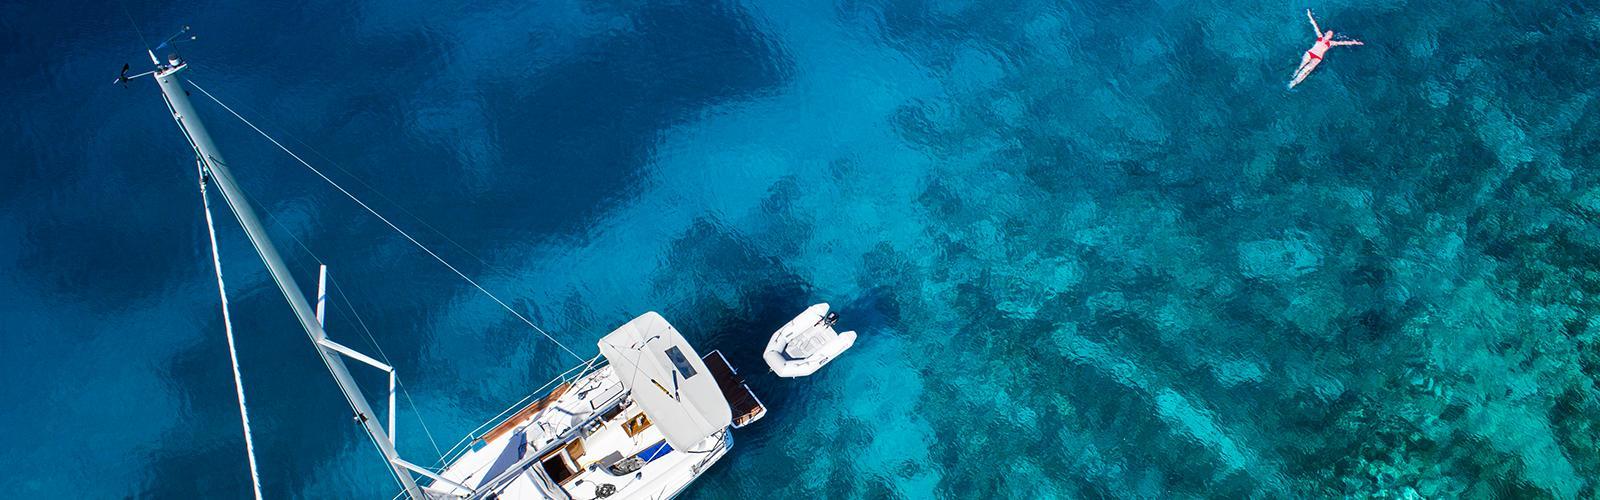 Mouillage Location voilier Côte d'Azur